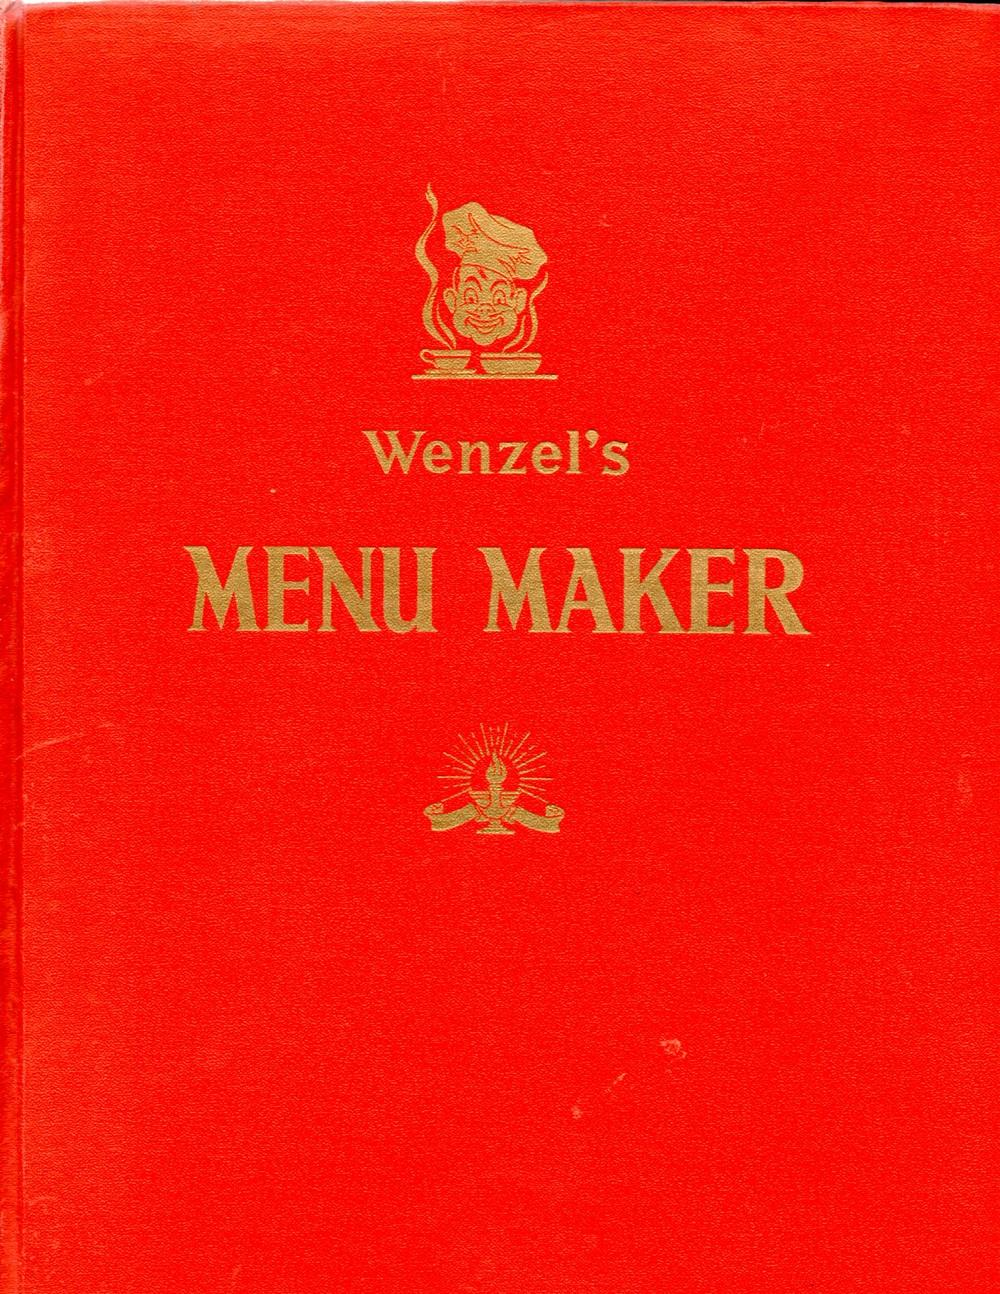 wenzels menu maker